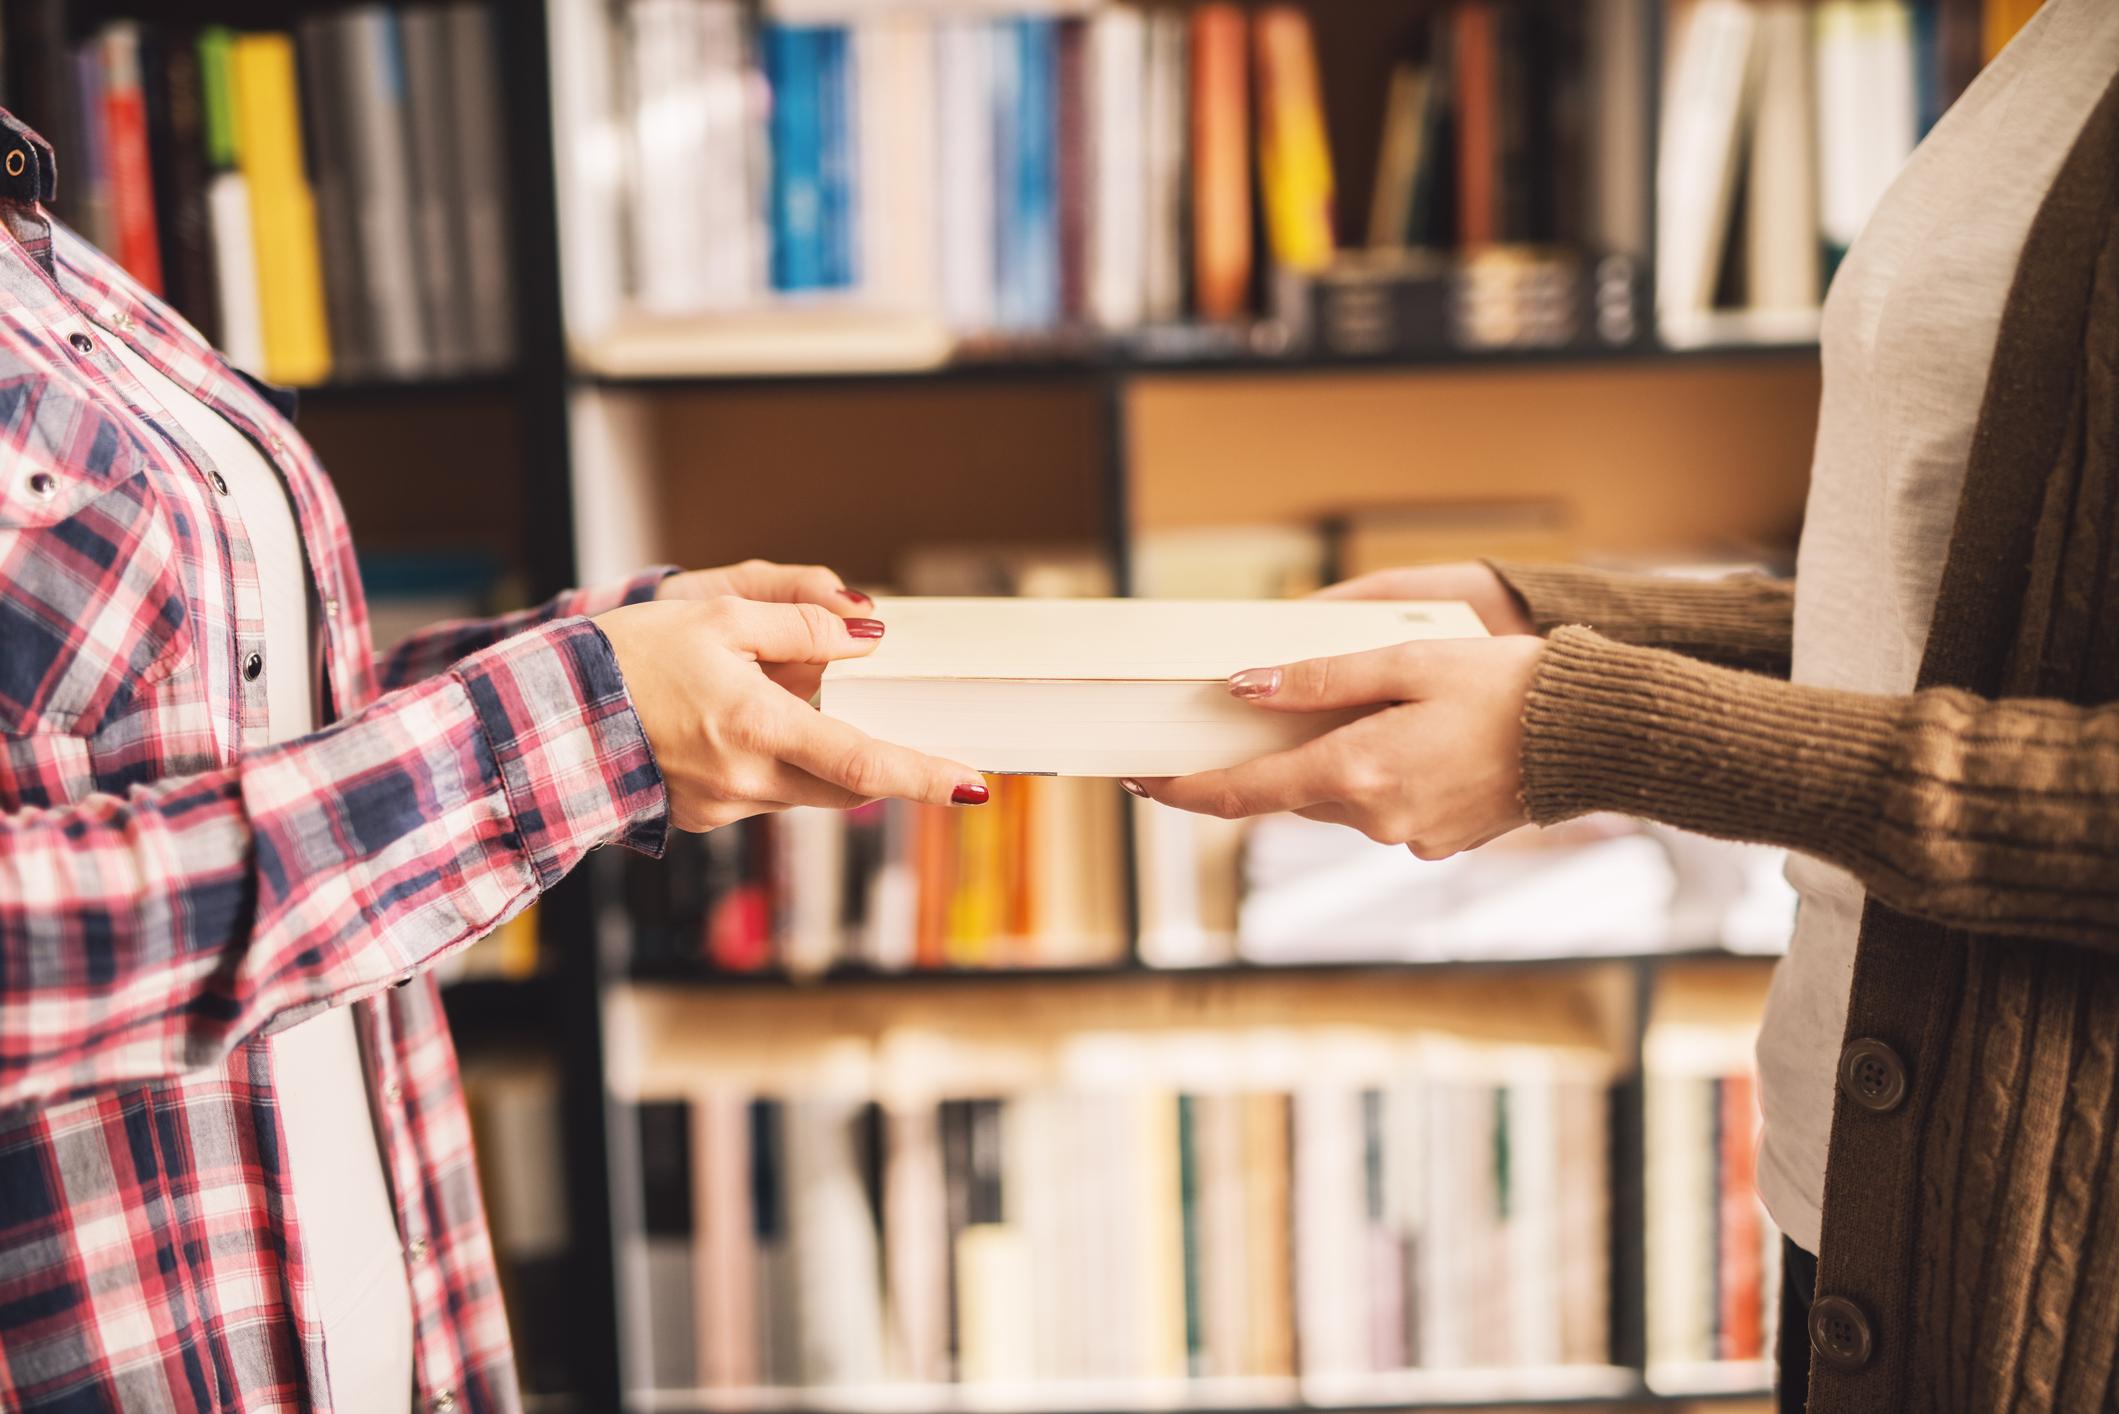 book fulfillment services